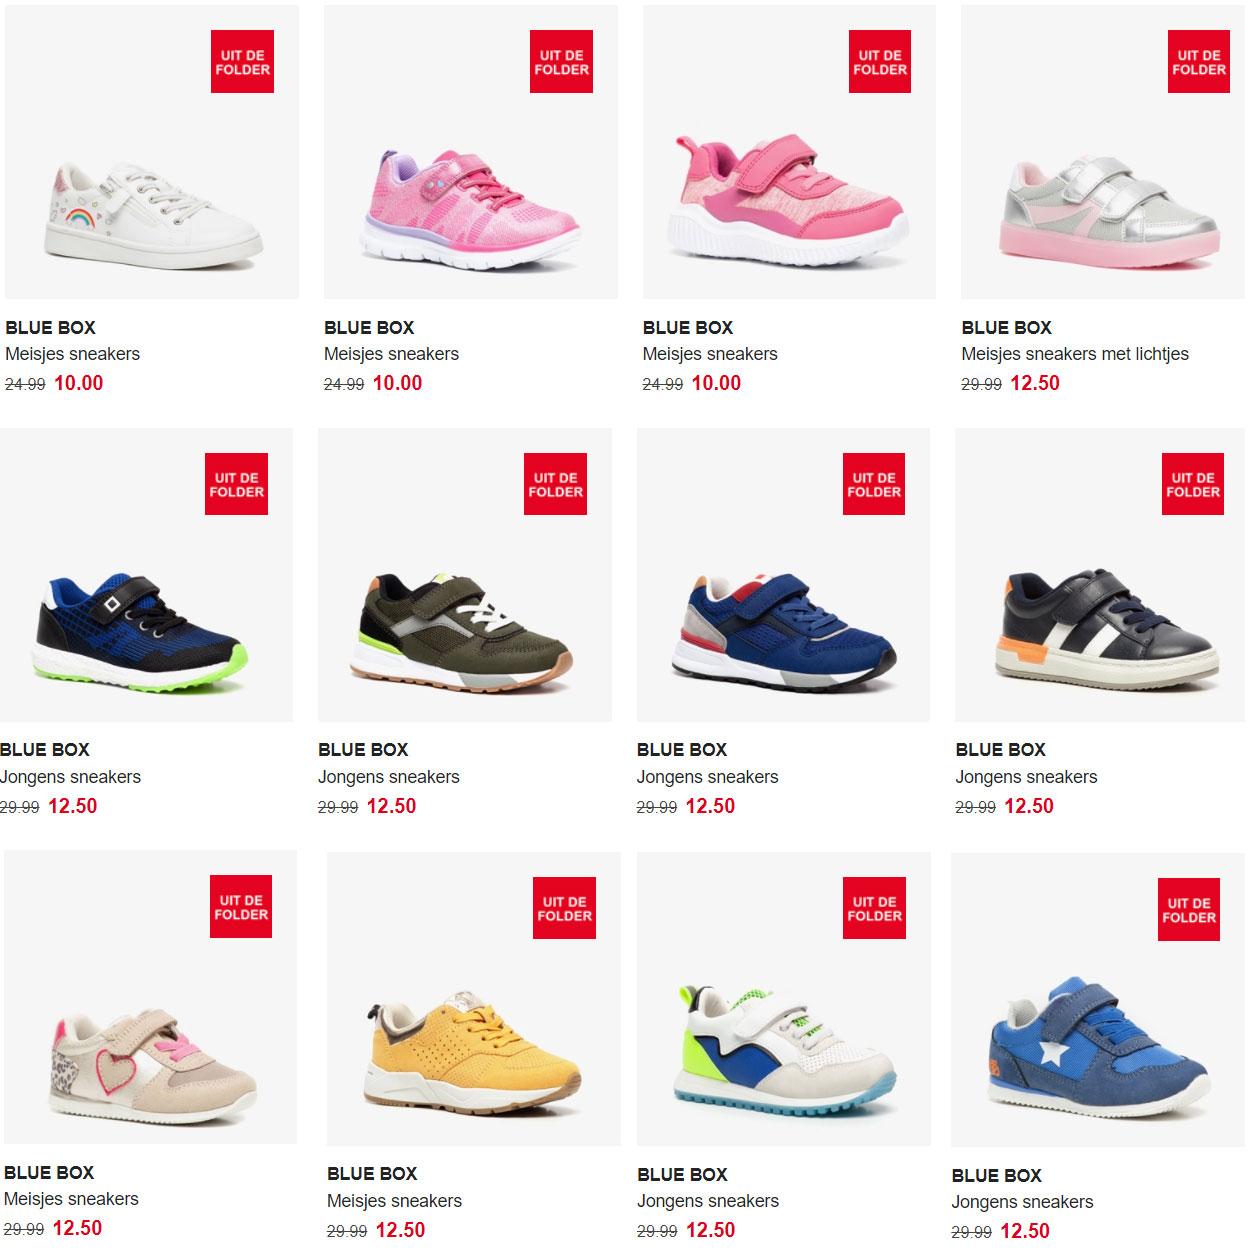 Kinderschoenen 60% korting: €10 tot max €15 [70 modellen]